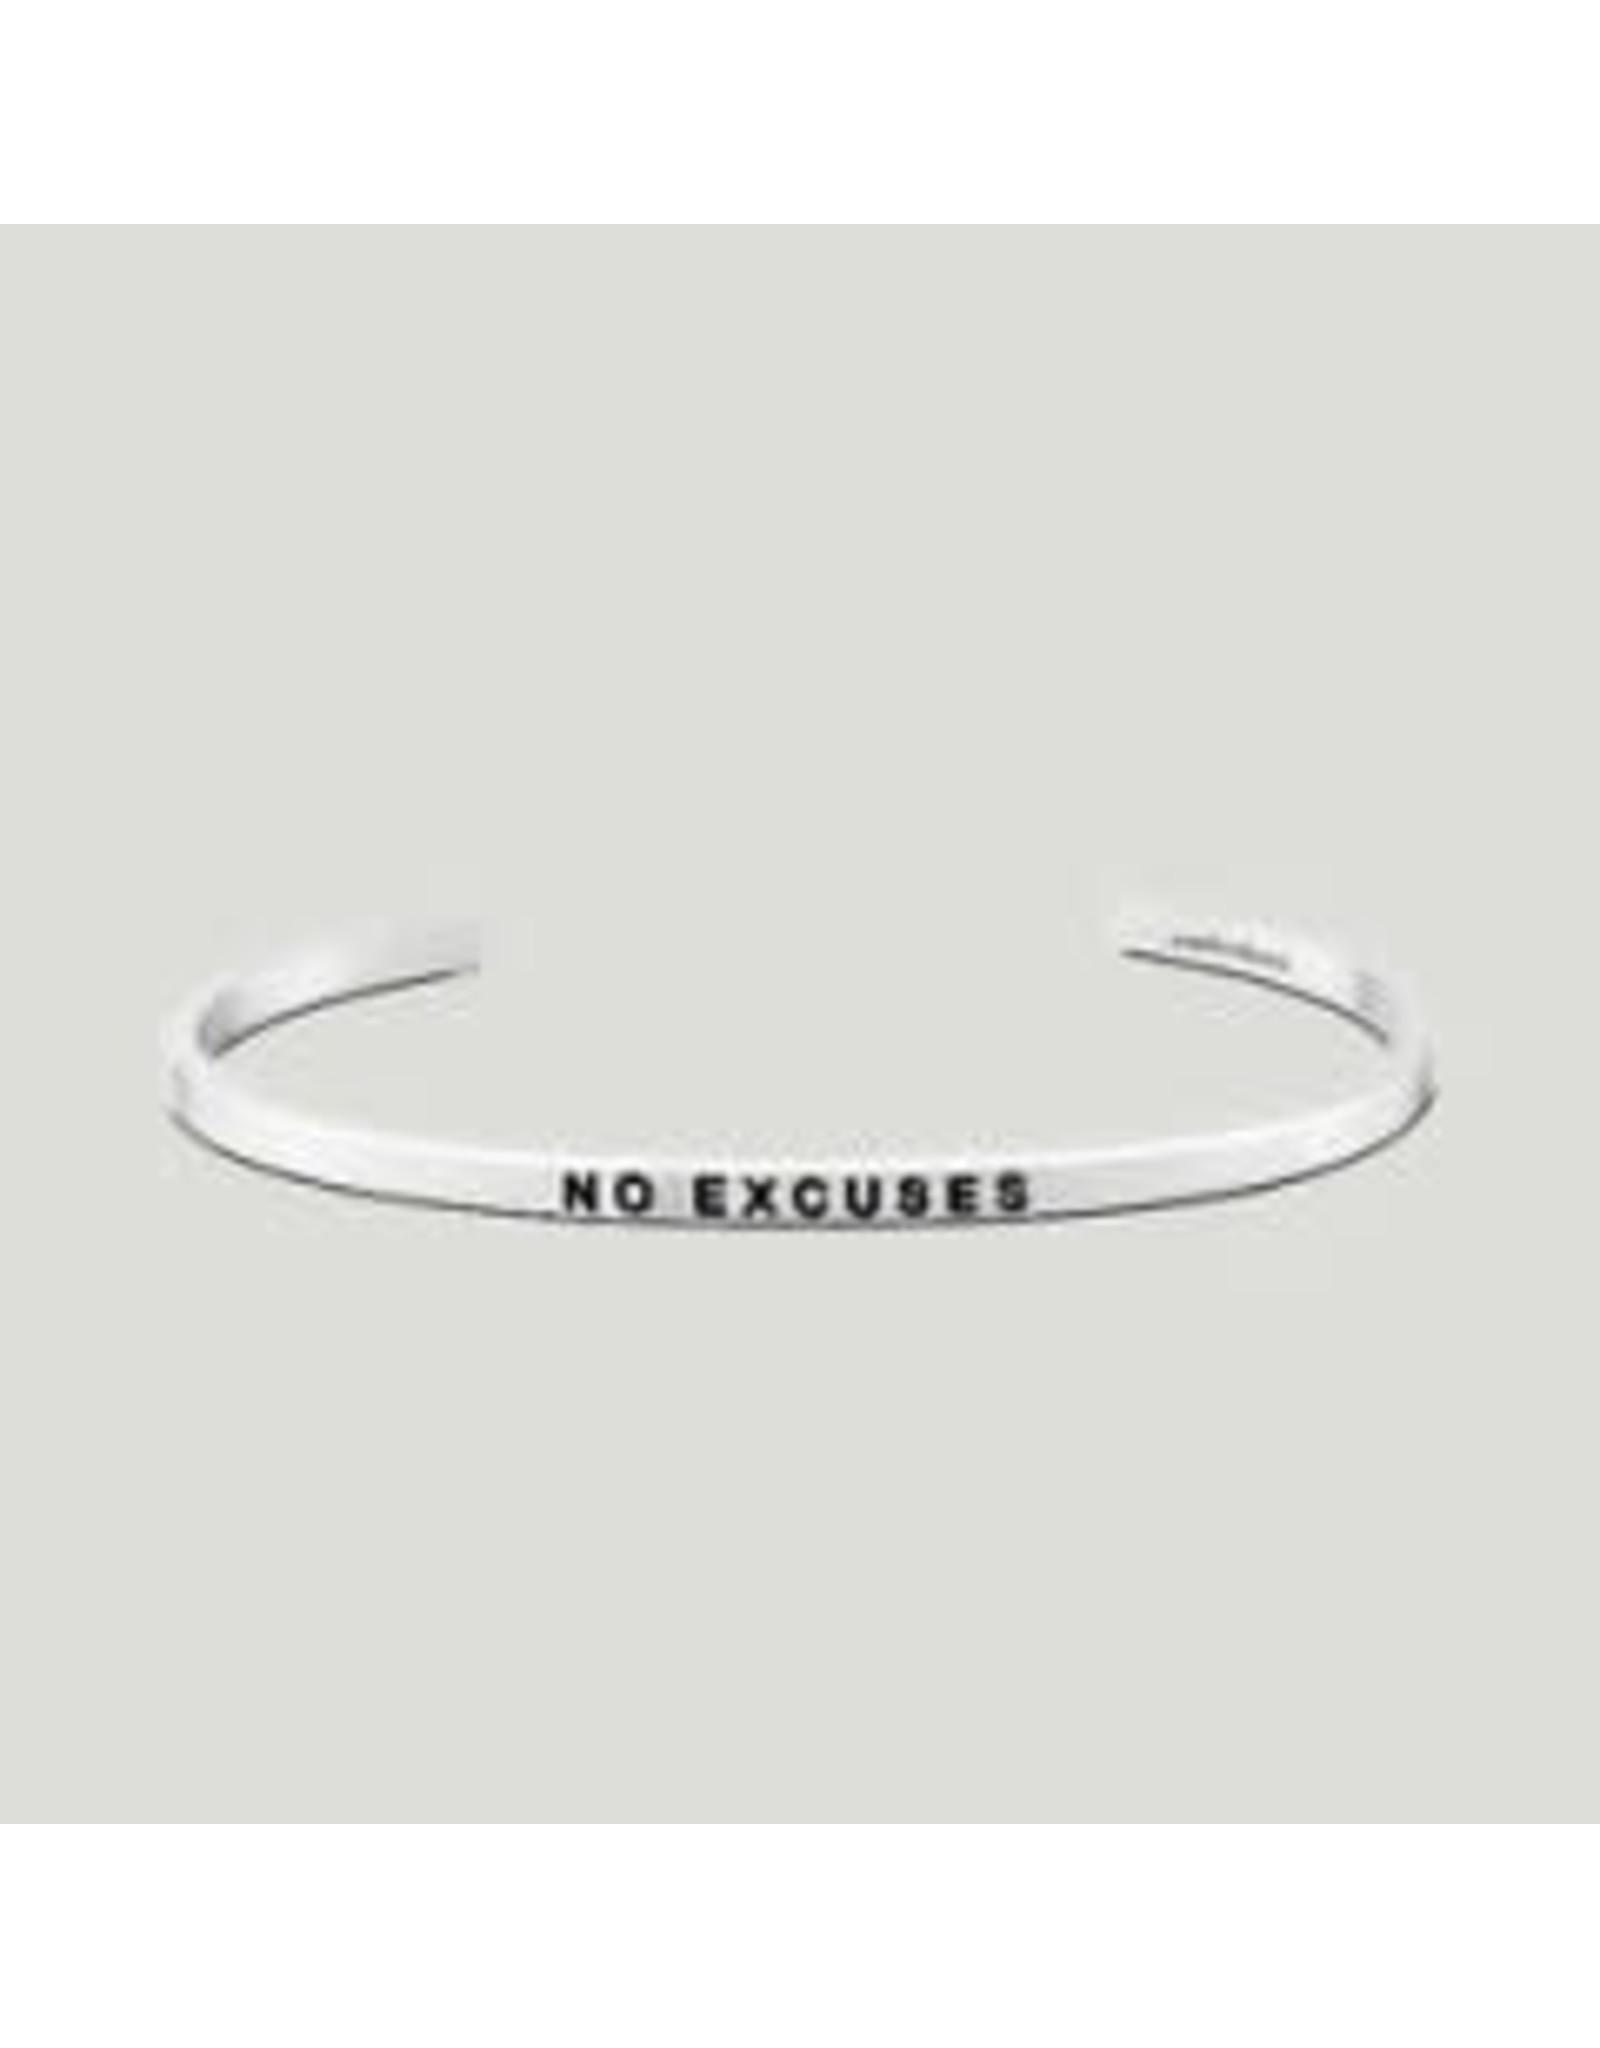 MantraBand MantraBand Bracelet, No Excuses